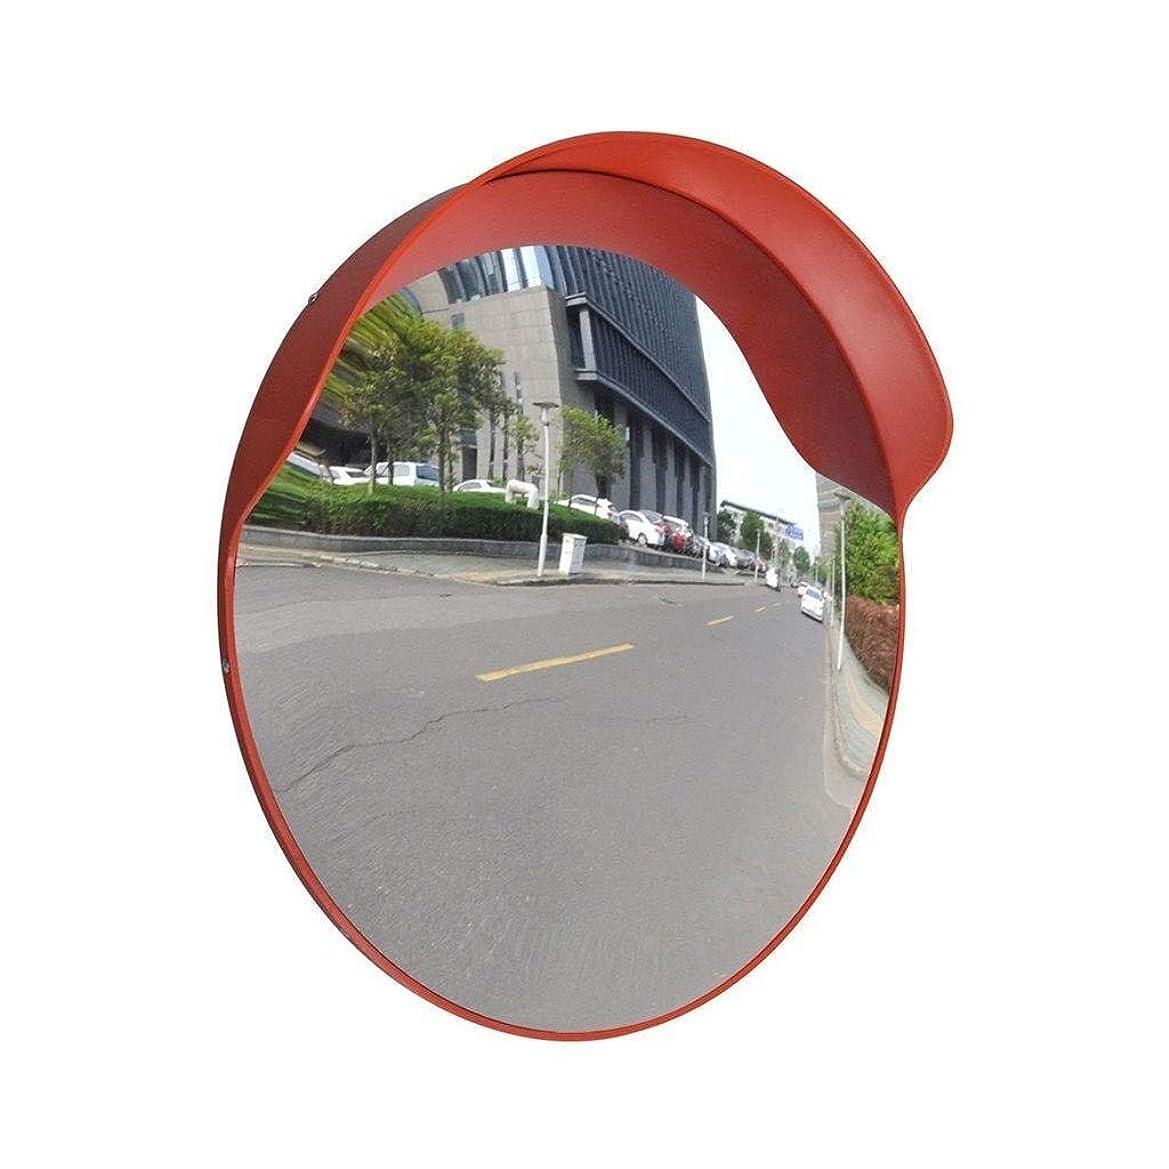 フィードバック開始予算陳華?カーブミラー 安全ミラー凸交通鏡PC防水軽量アンチドロップ駐車場交差点ブラインドスポット 安全ミラー (サイズ : 75cm)